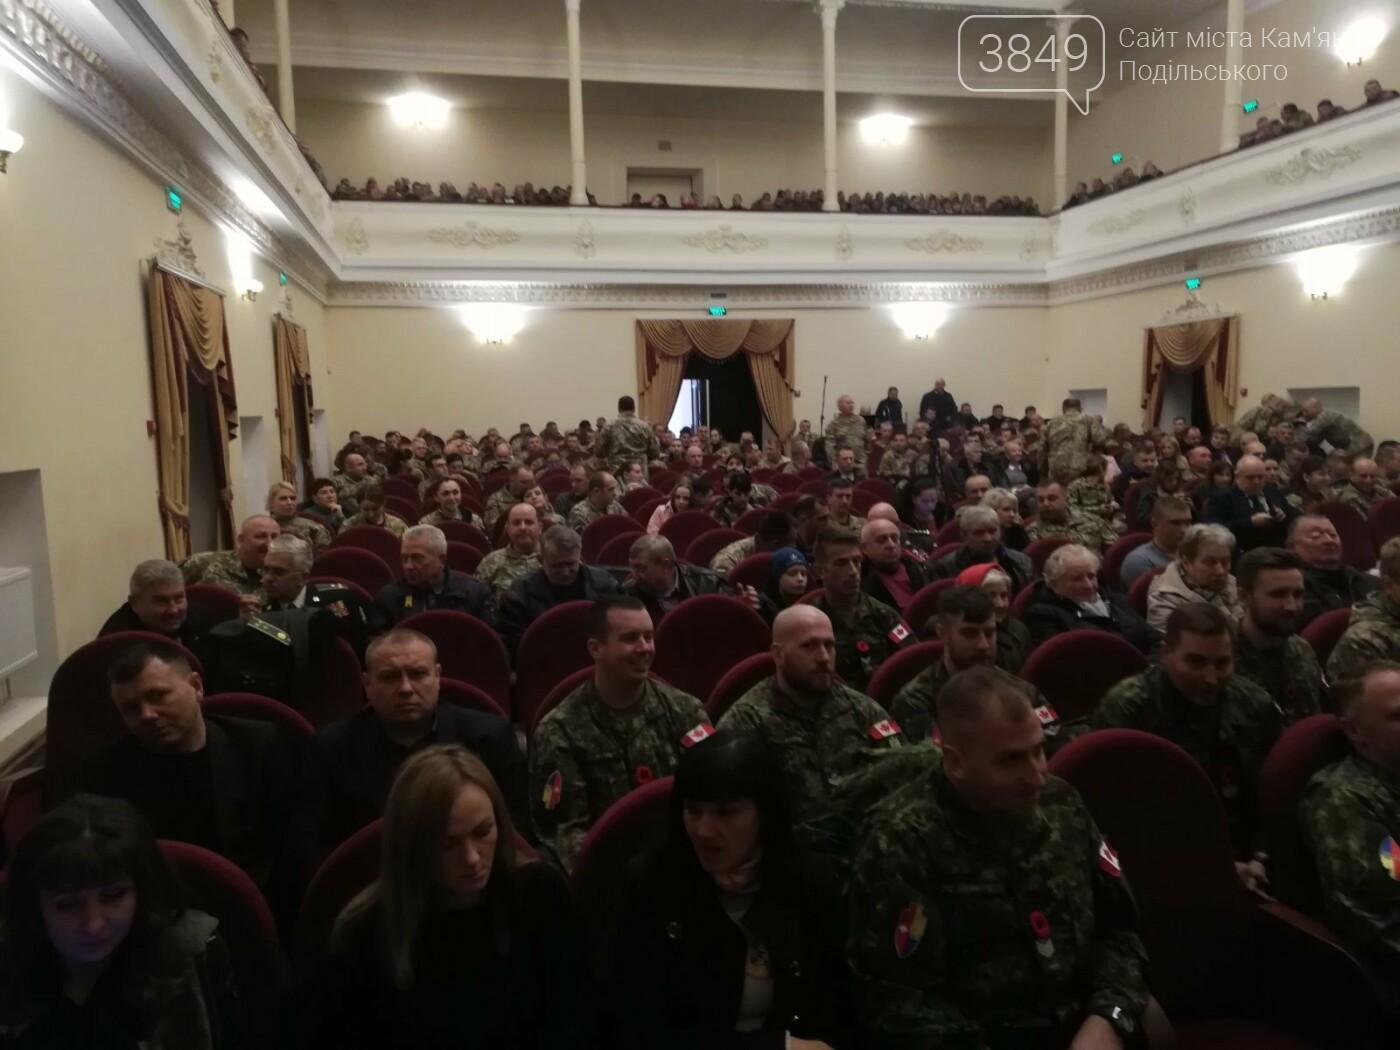 Кам'янець святкував 20-ий ювілей інженерних військ України, фото-1